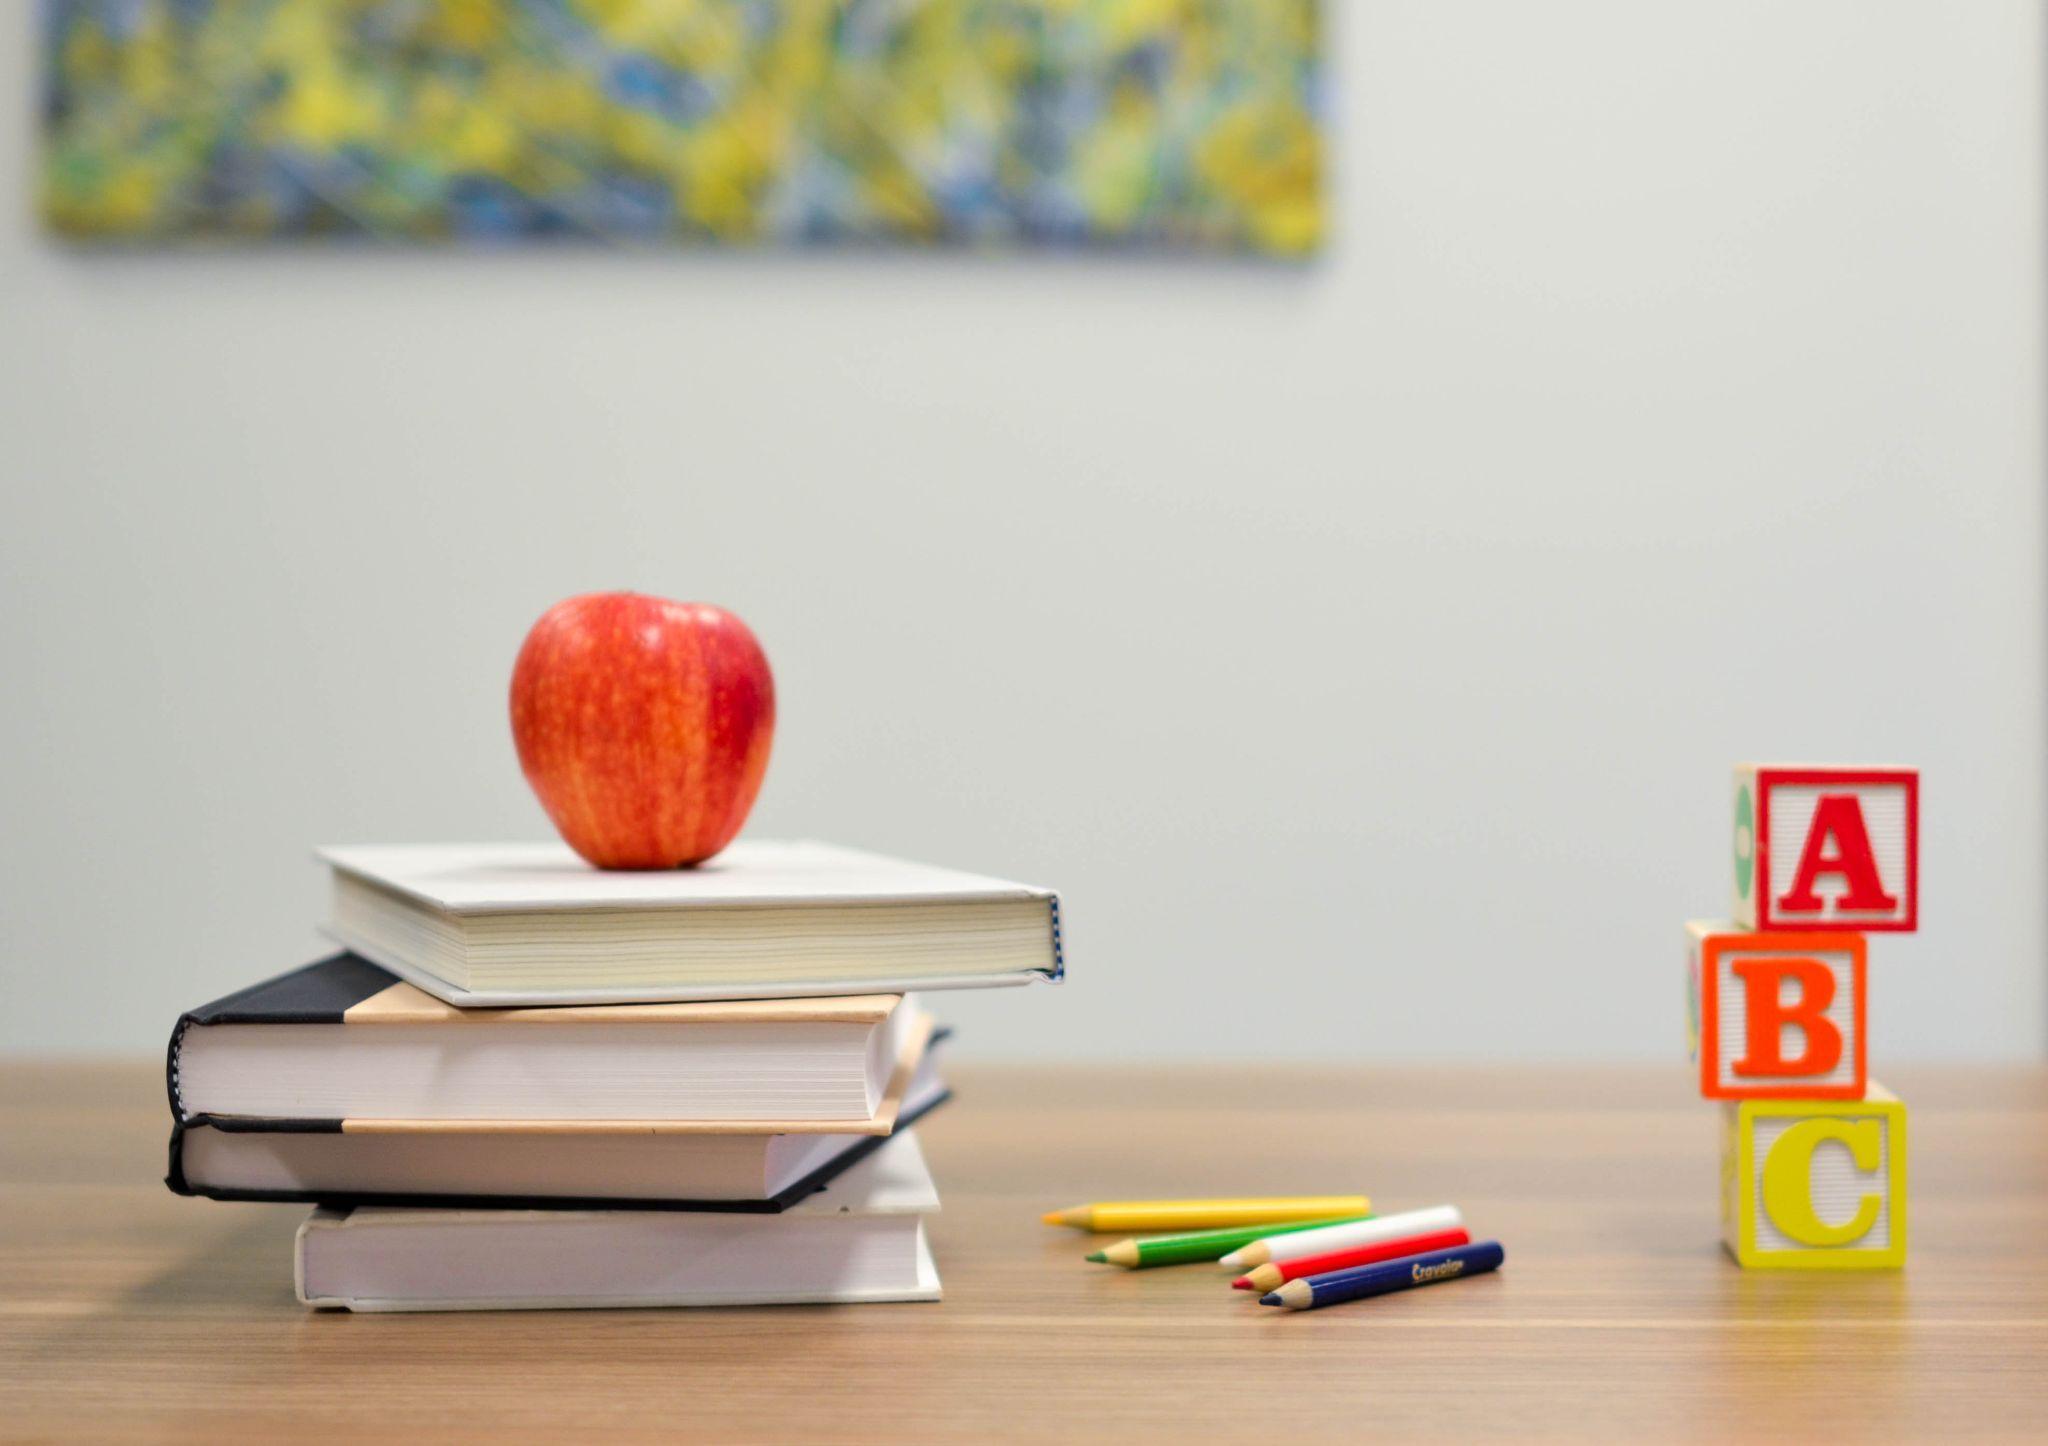 Curso superior mais procurado na modalidade EaD é Pedagogia